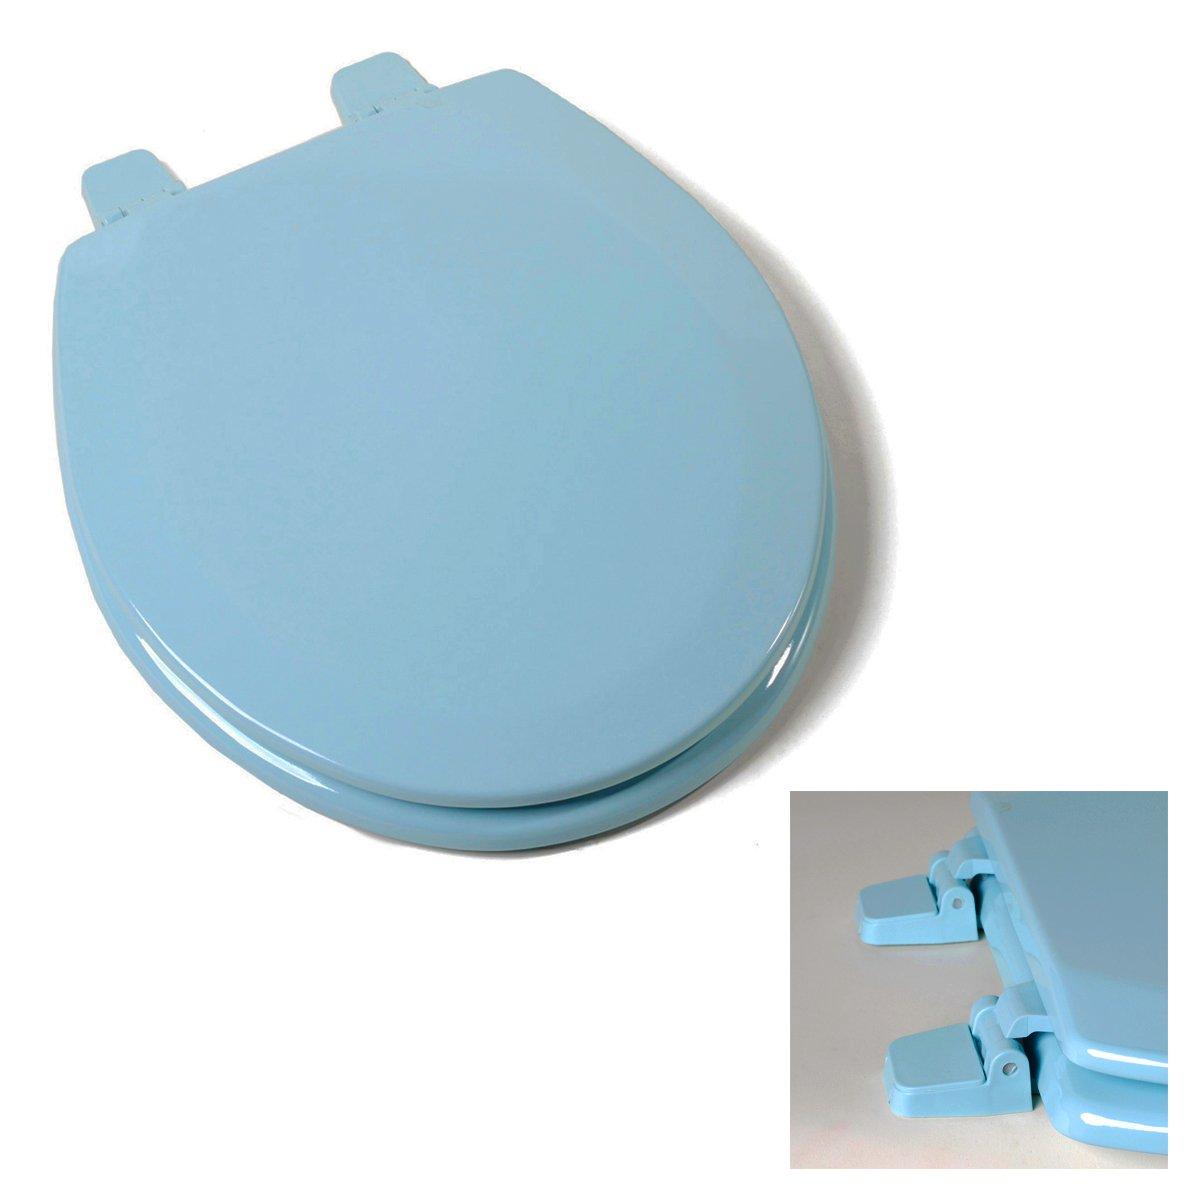 Deluxe Regency Blue Wood Round Toilet Seat - - Amazon.com